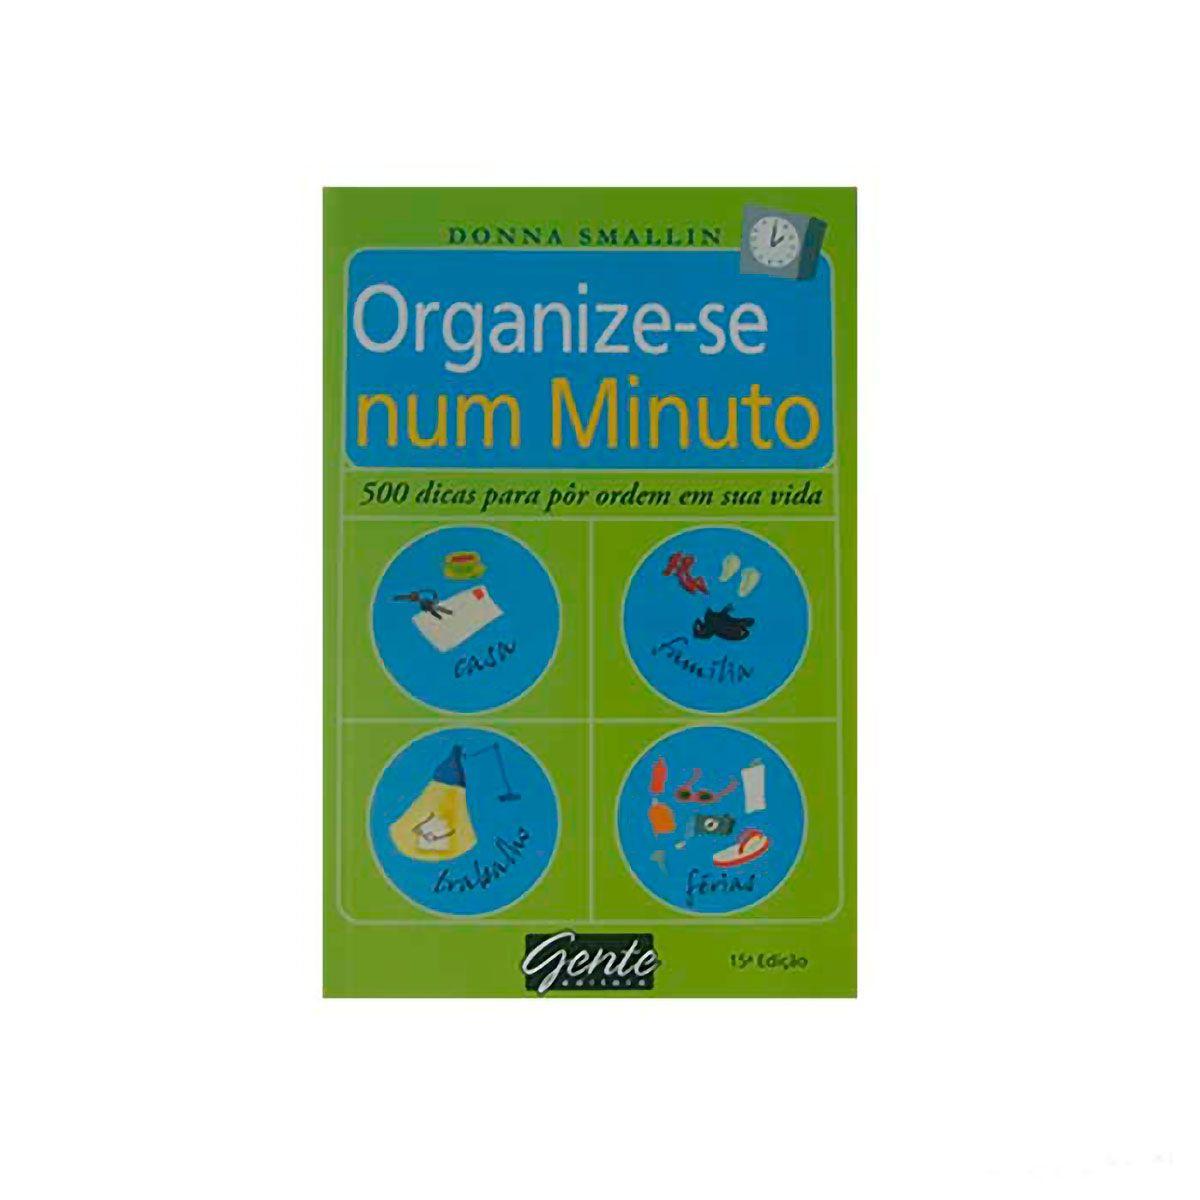 Livro Organize-se Num Minuto - Donna Smallin